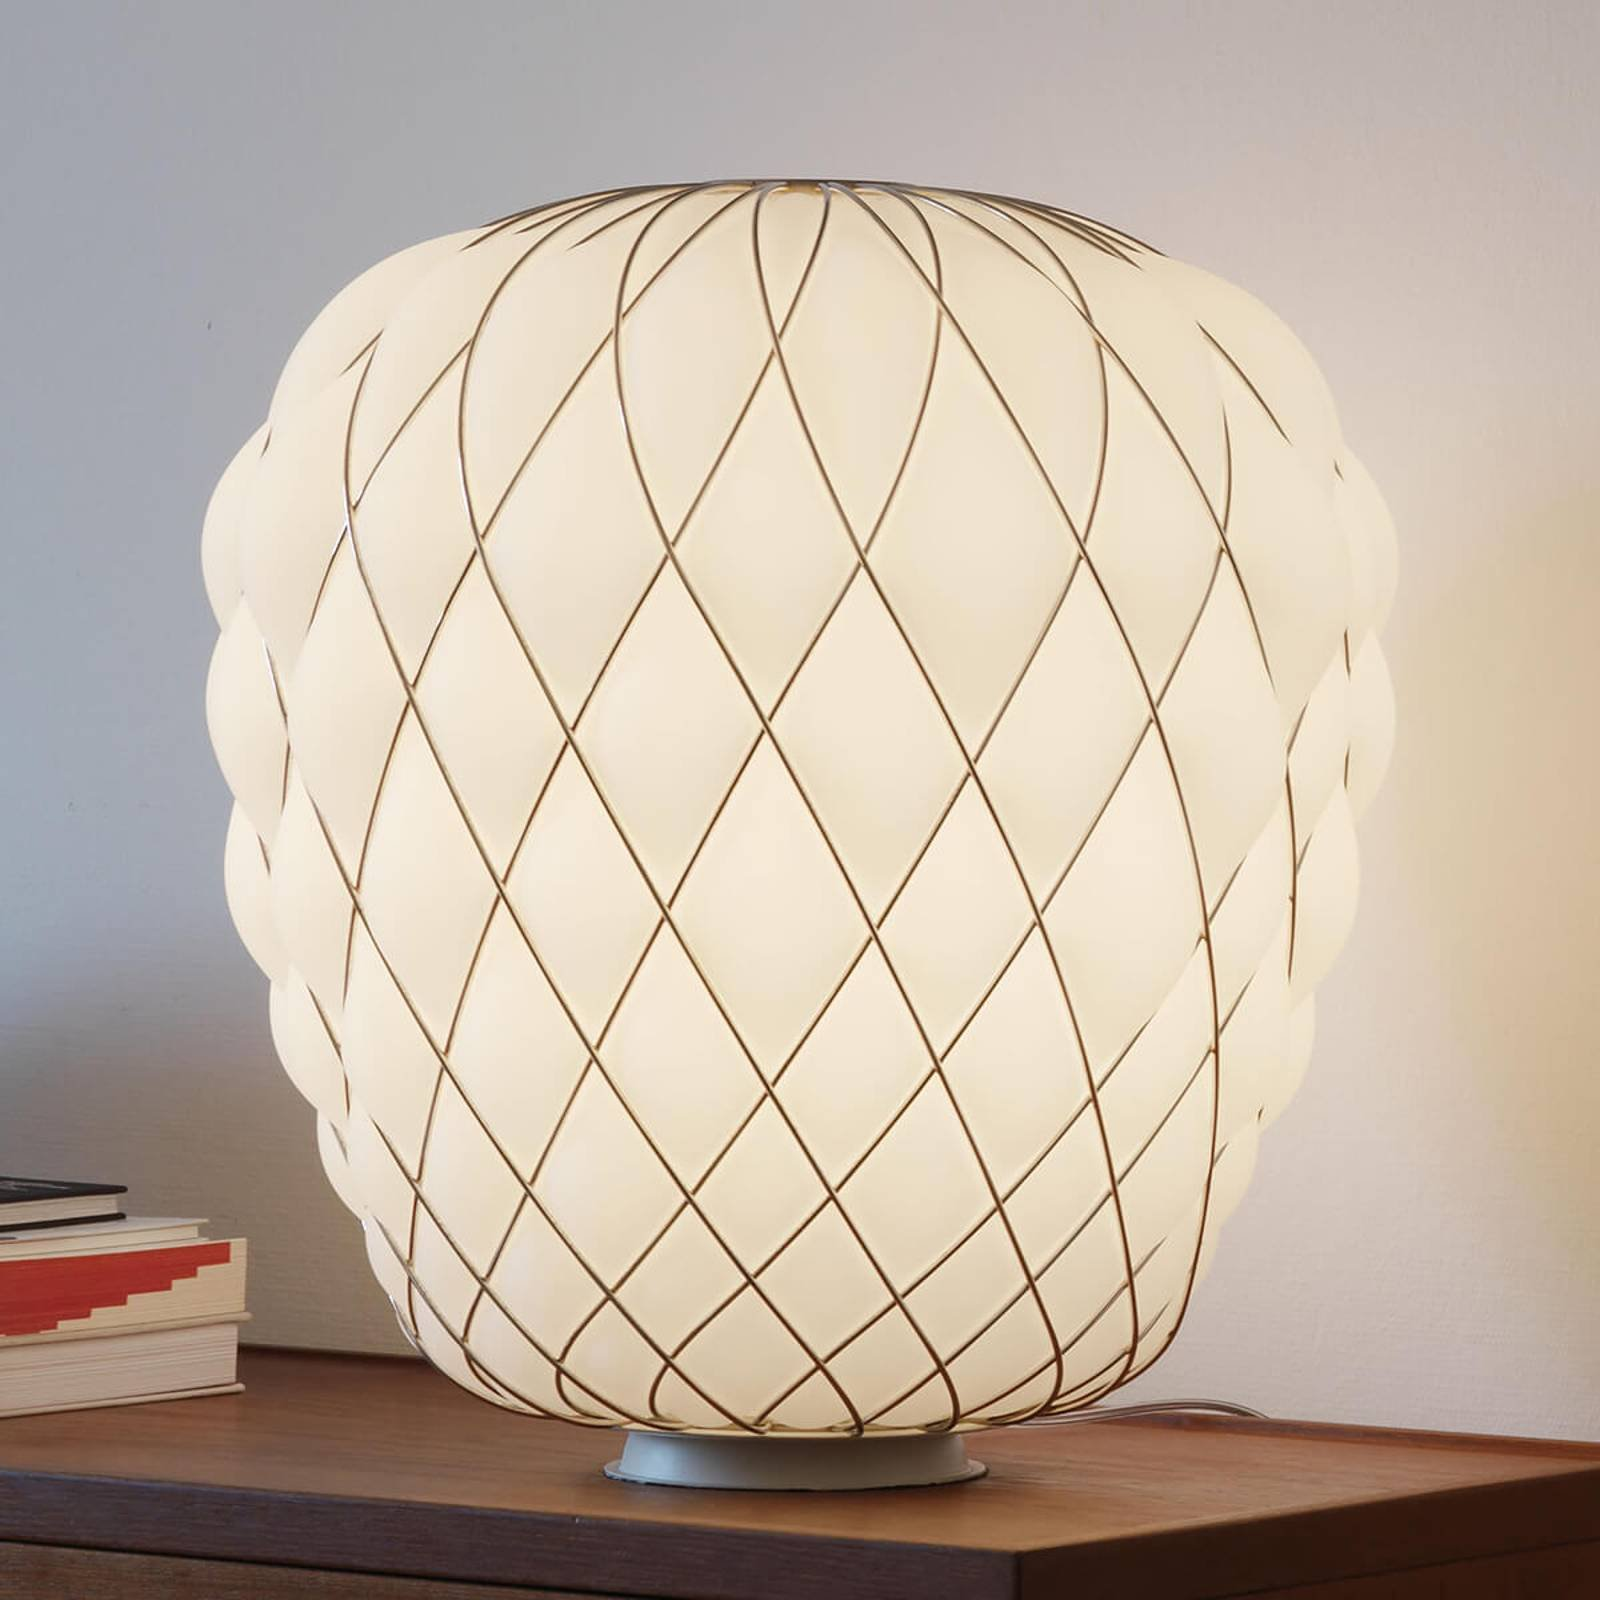 Designer bordlampe Pinecone av melkeglass